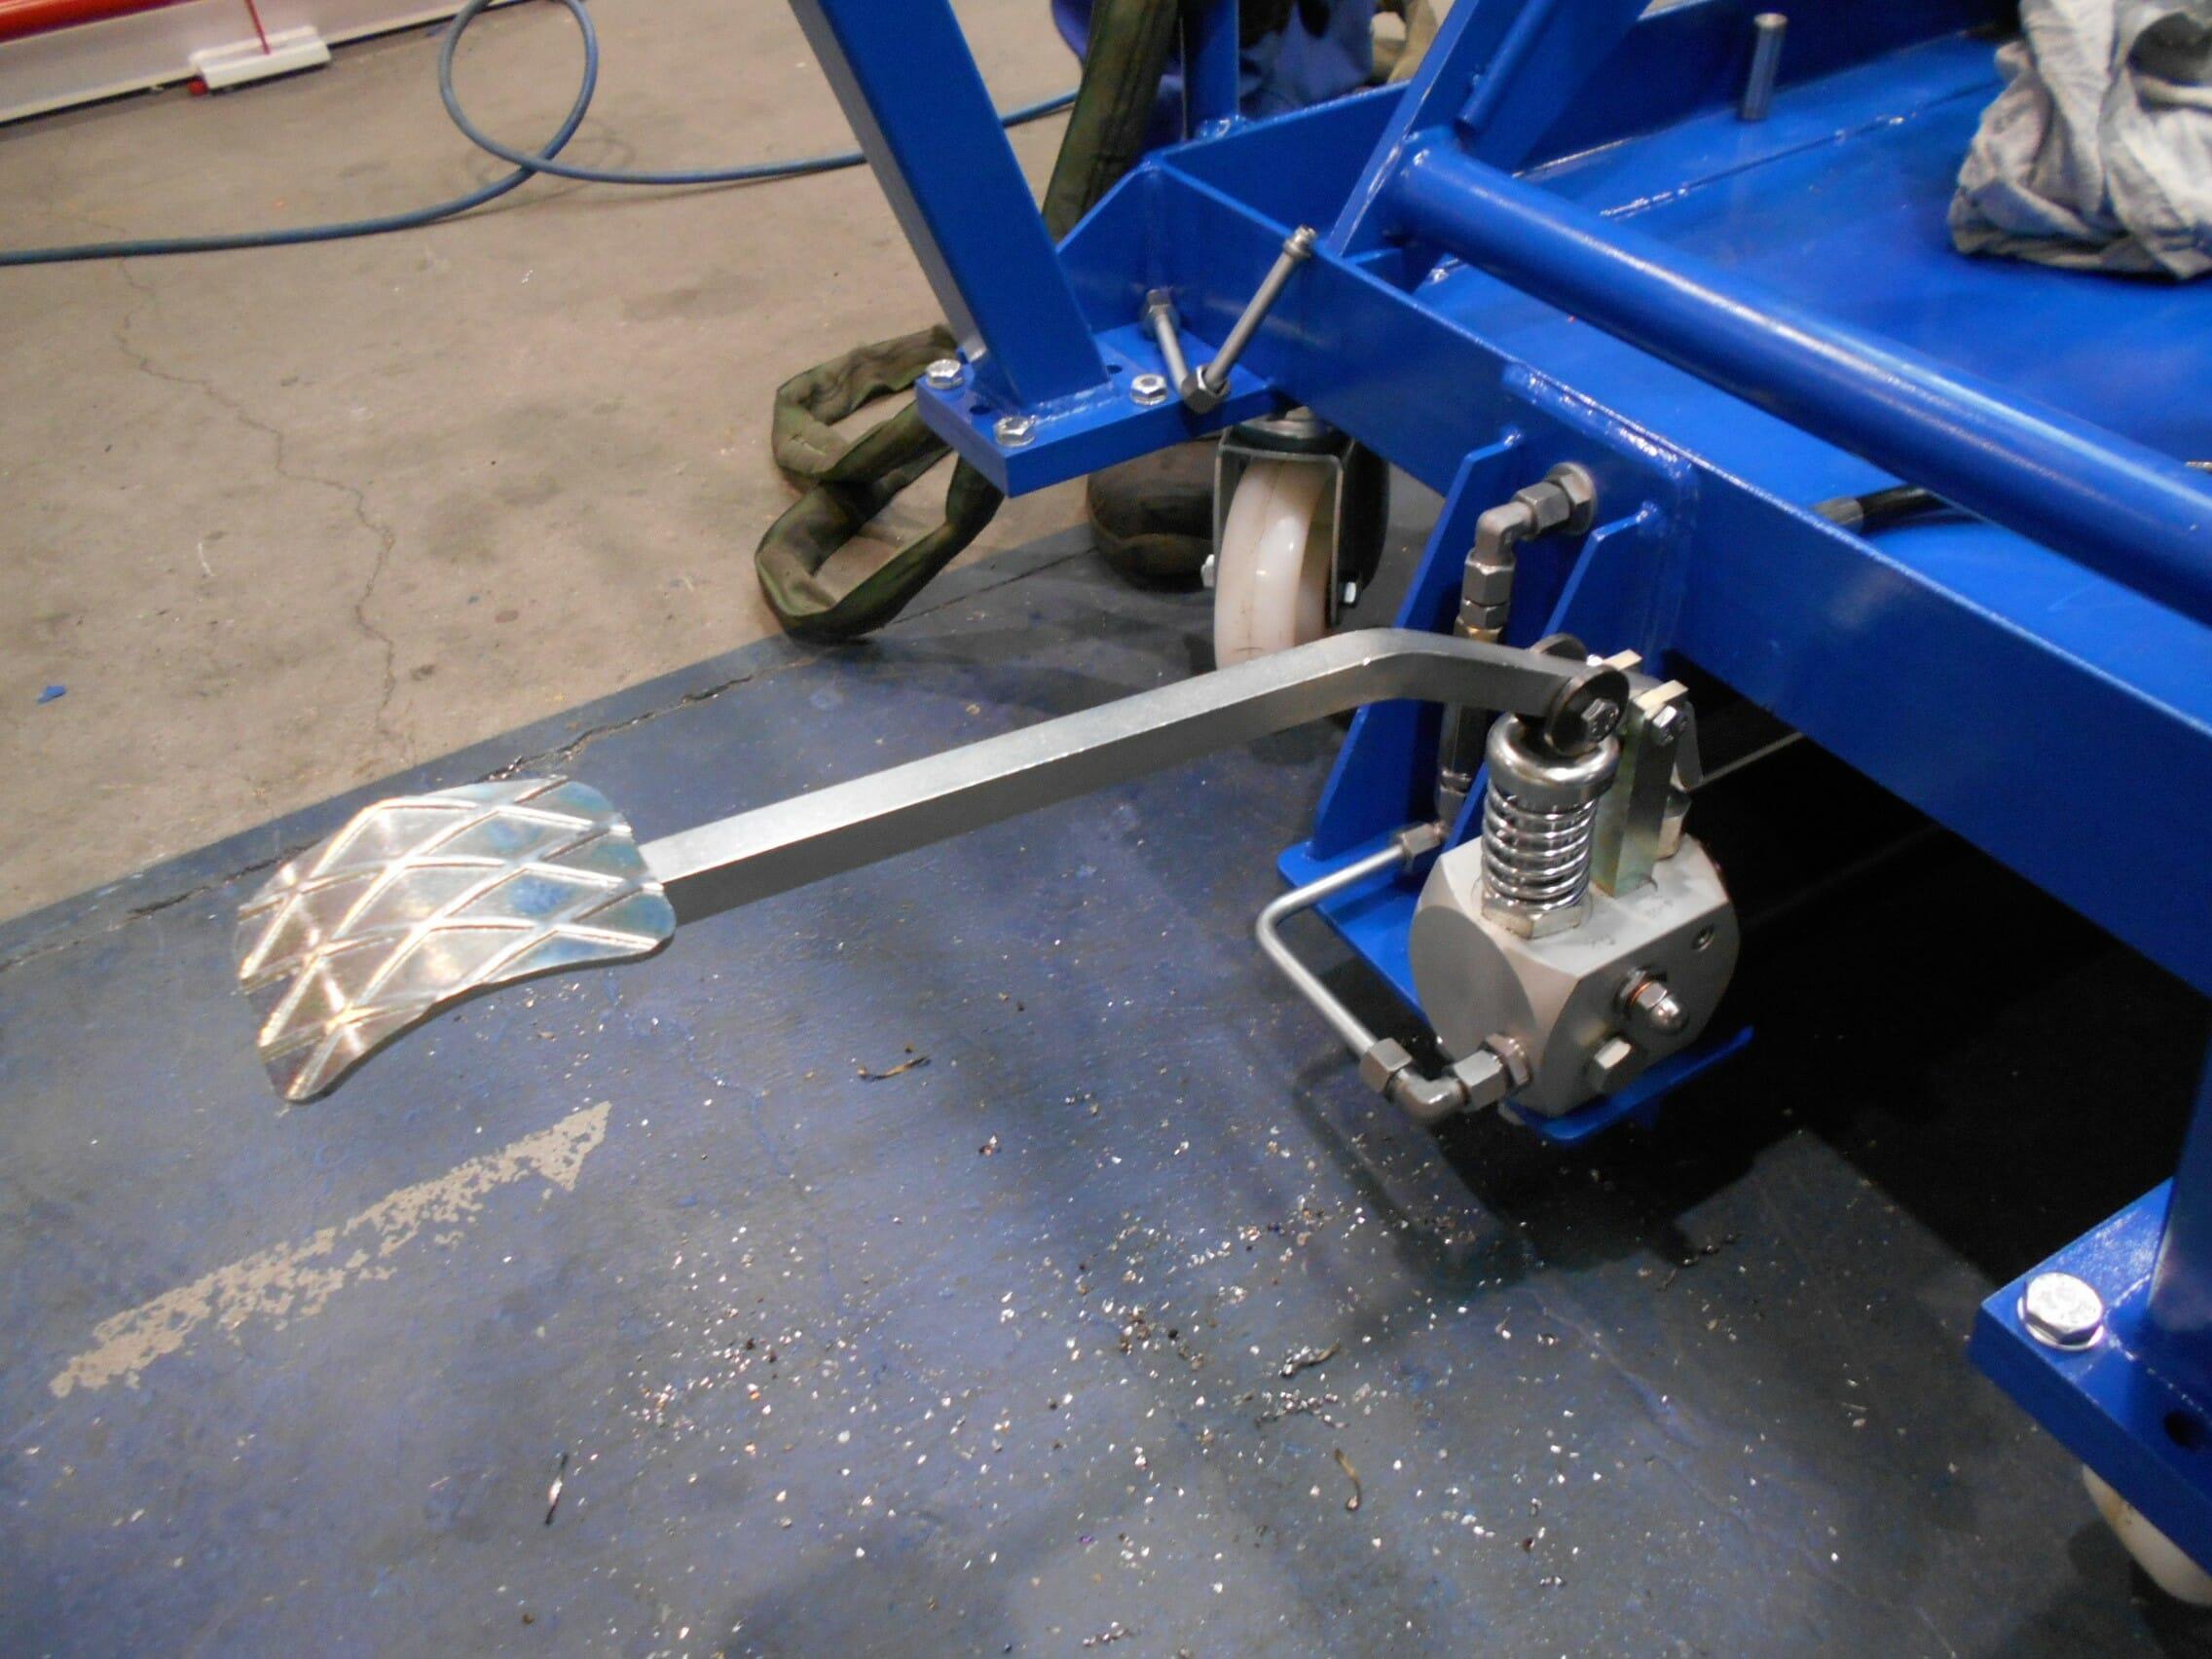 Abbildung Scherenhubwagen Kupplung